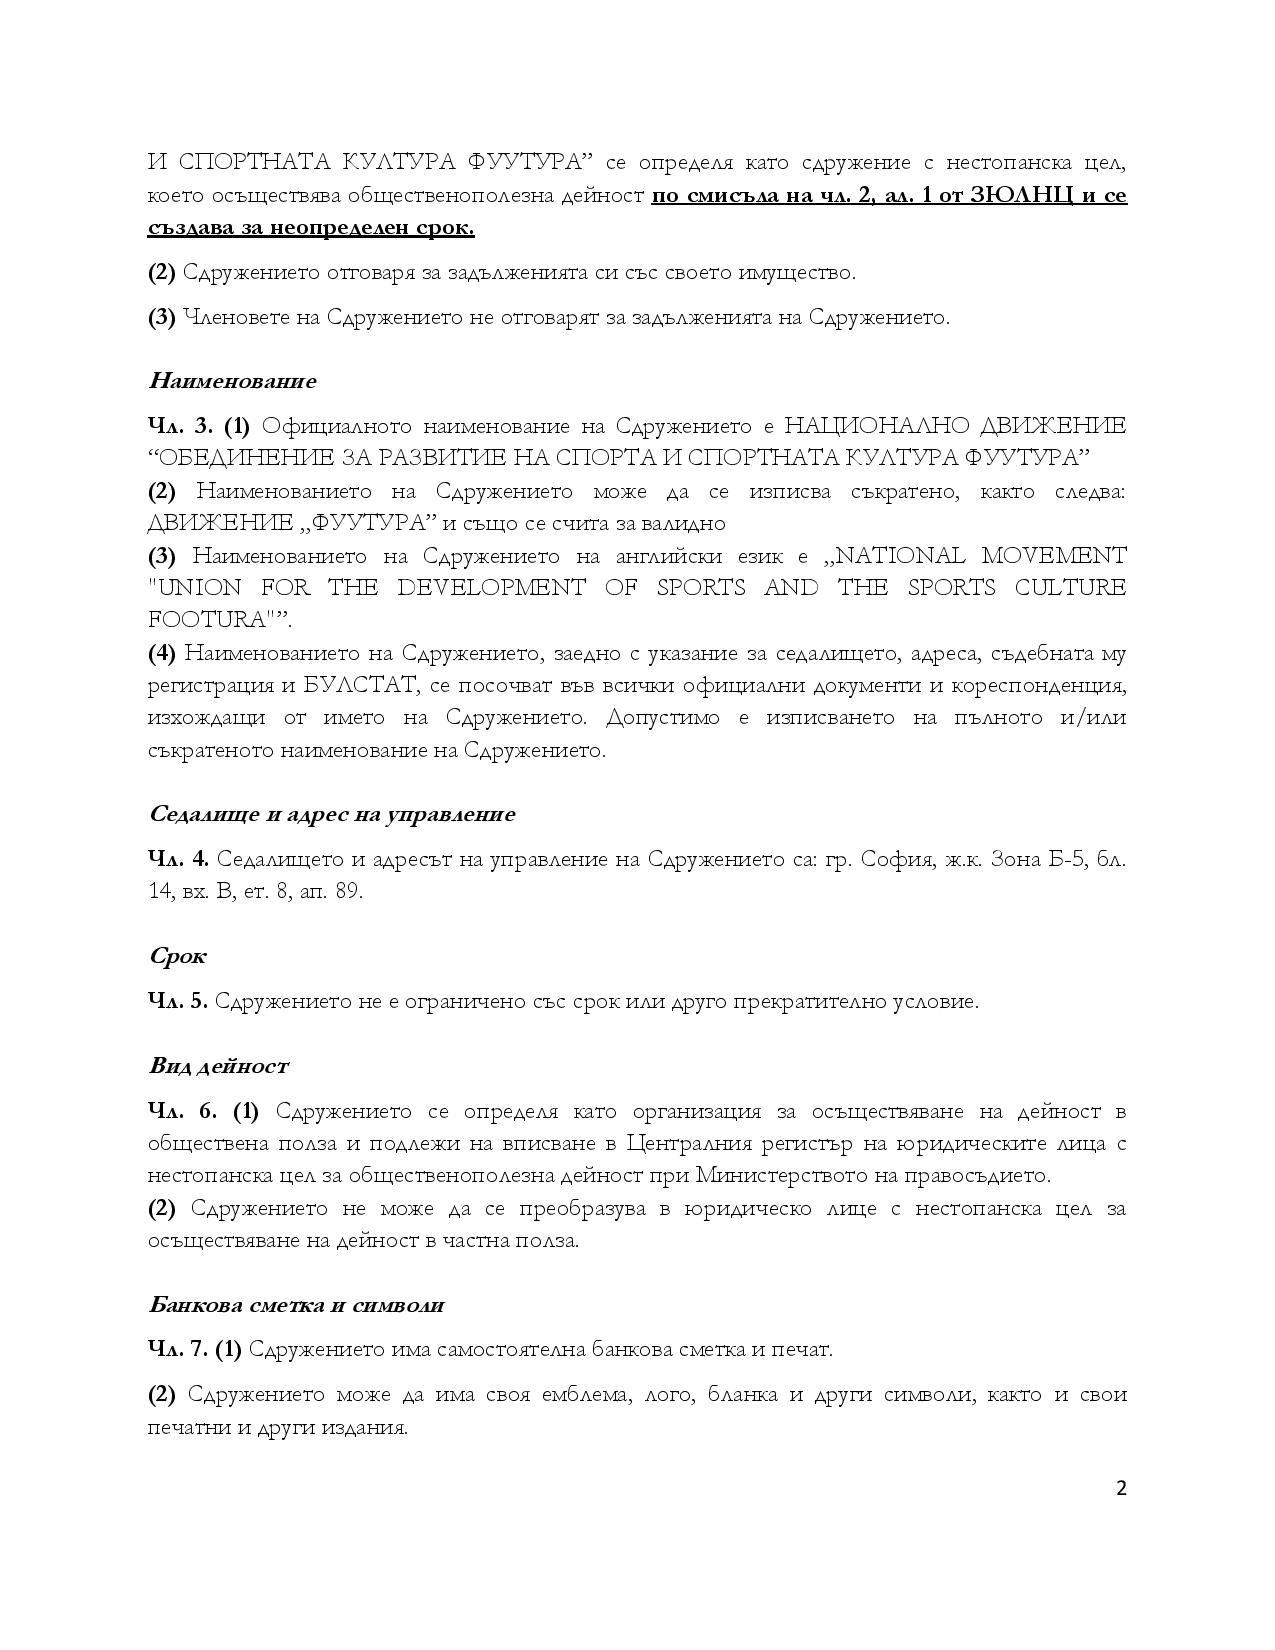 Ustav_Footura_final_2013-page-002